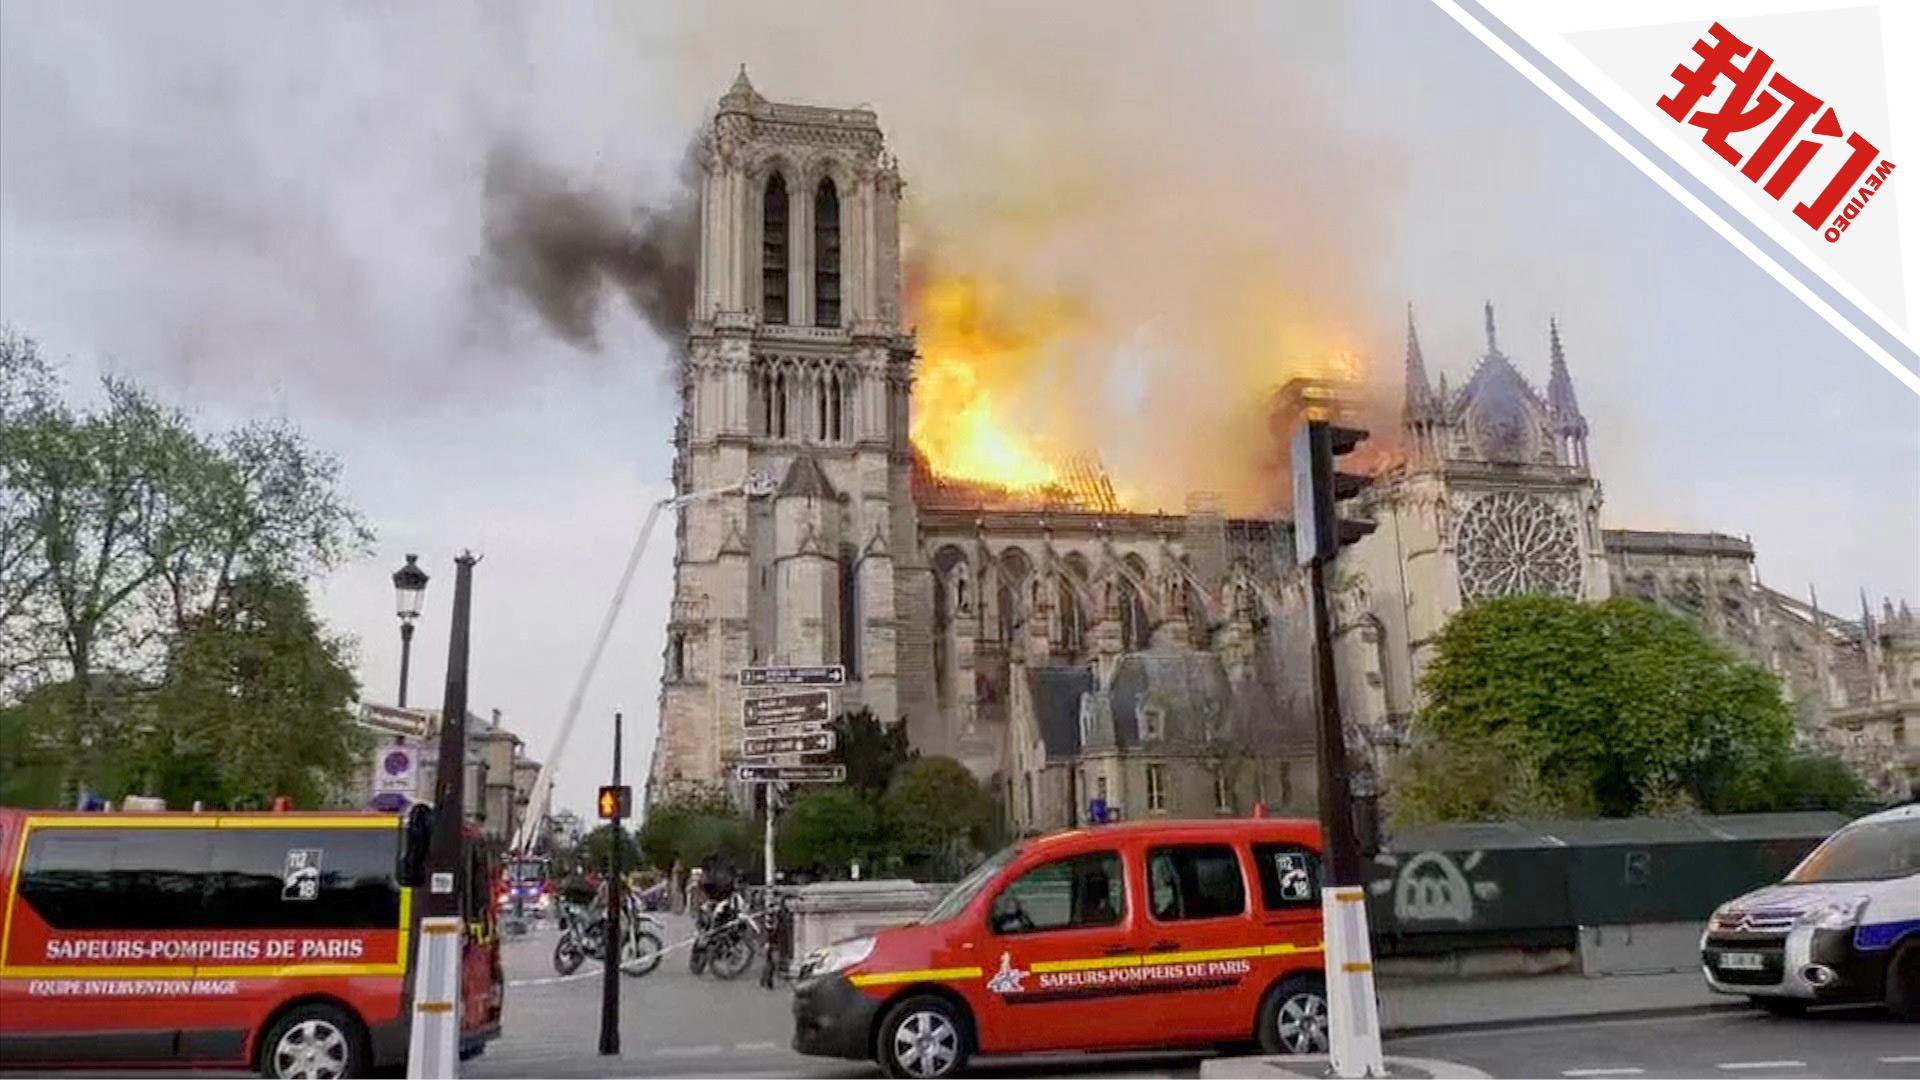 新巴黎花_巴黎圣母院得到消防人员抢救 著名玫瑰花窗被烧毁|花窗|巴黎 ...